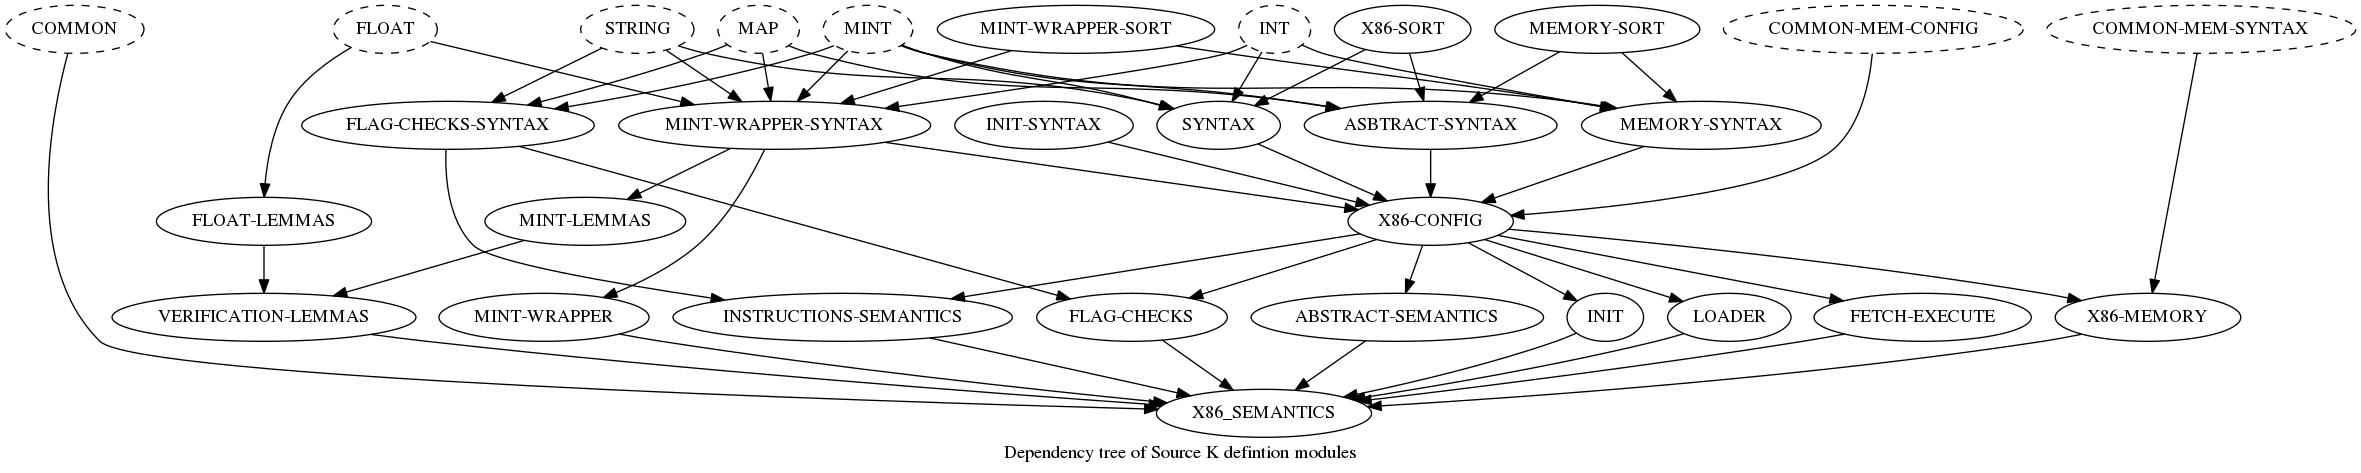 Dependency tree of Source Code